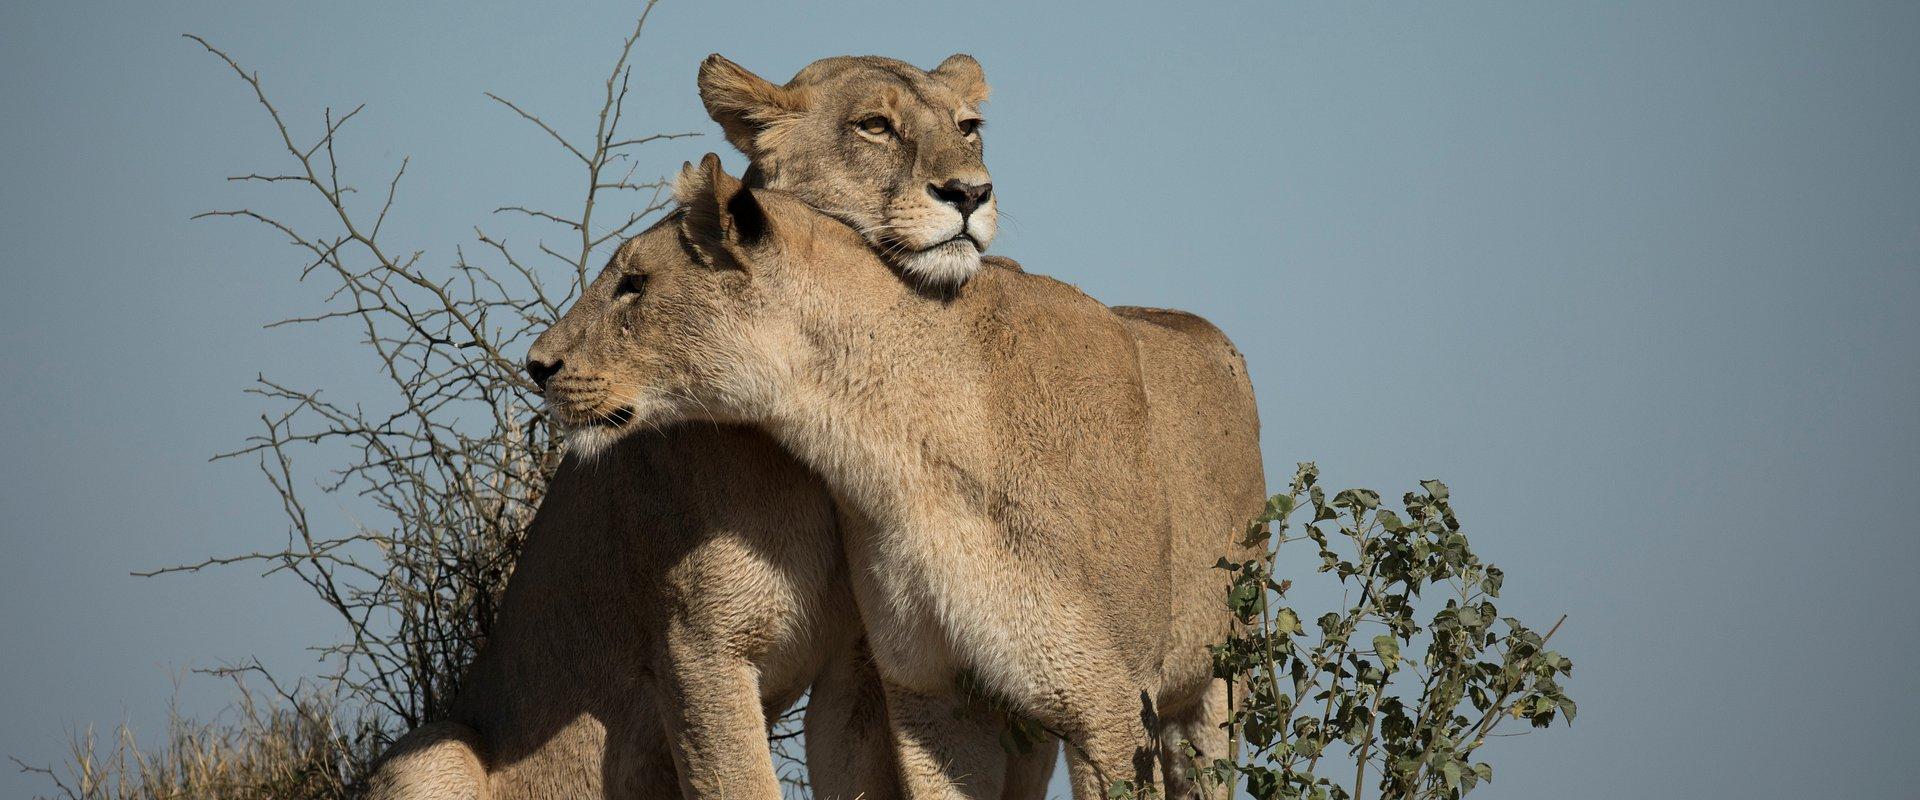 """Wygnana królowa wraca po władzę. Zobacz prawdziwą grę o tron w serii """"Królestwo drapieżników"""" na kanale National Geographic Wild"""